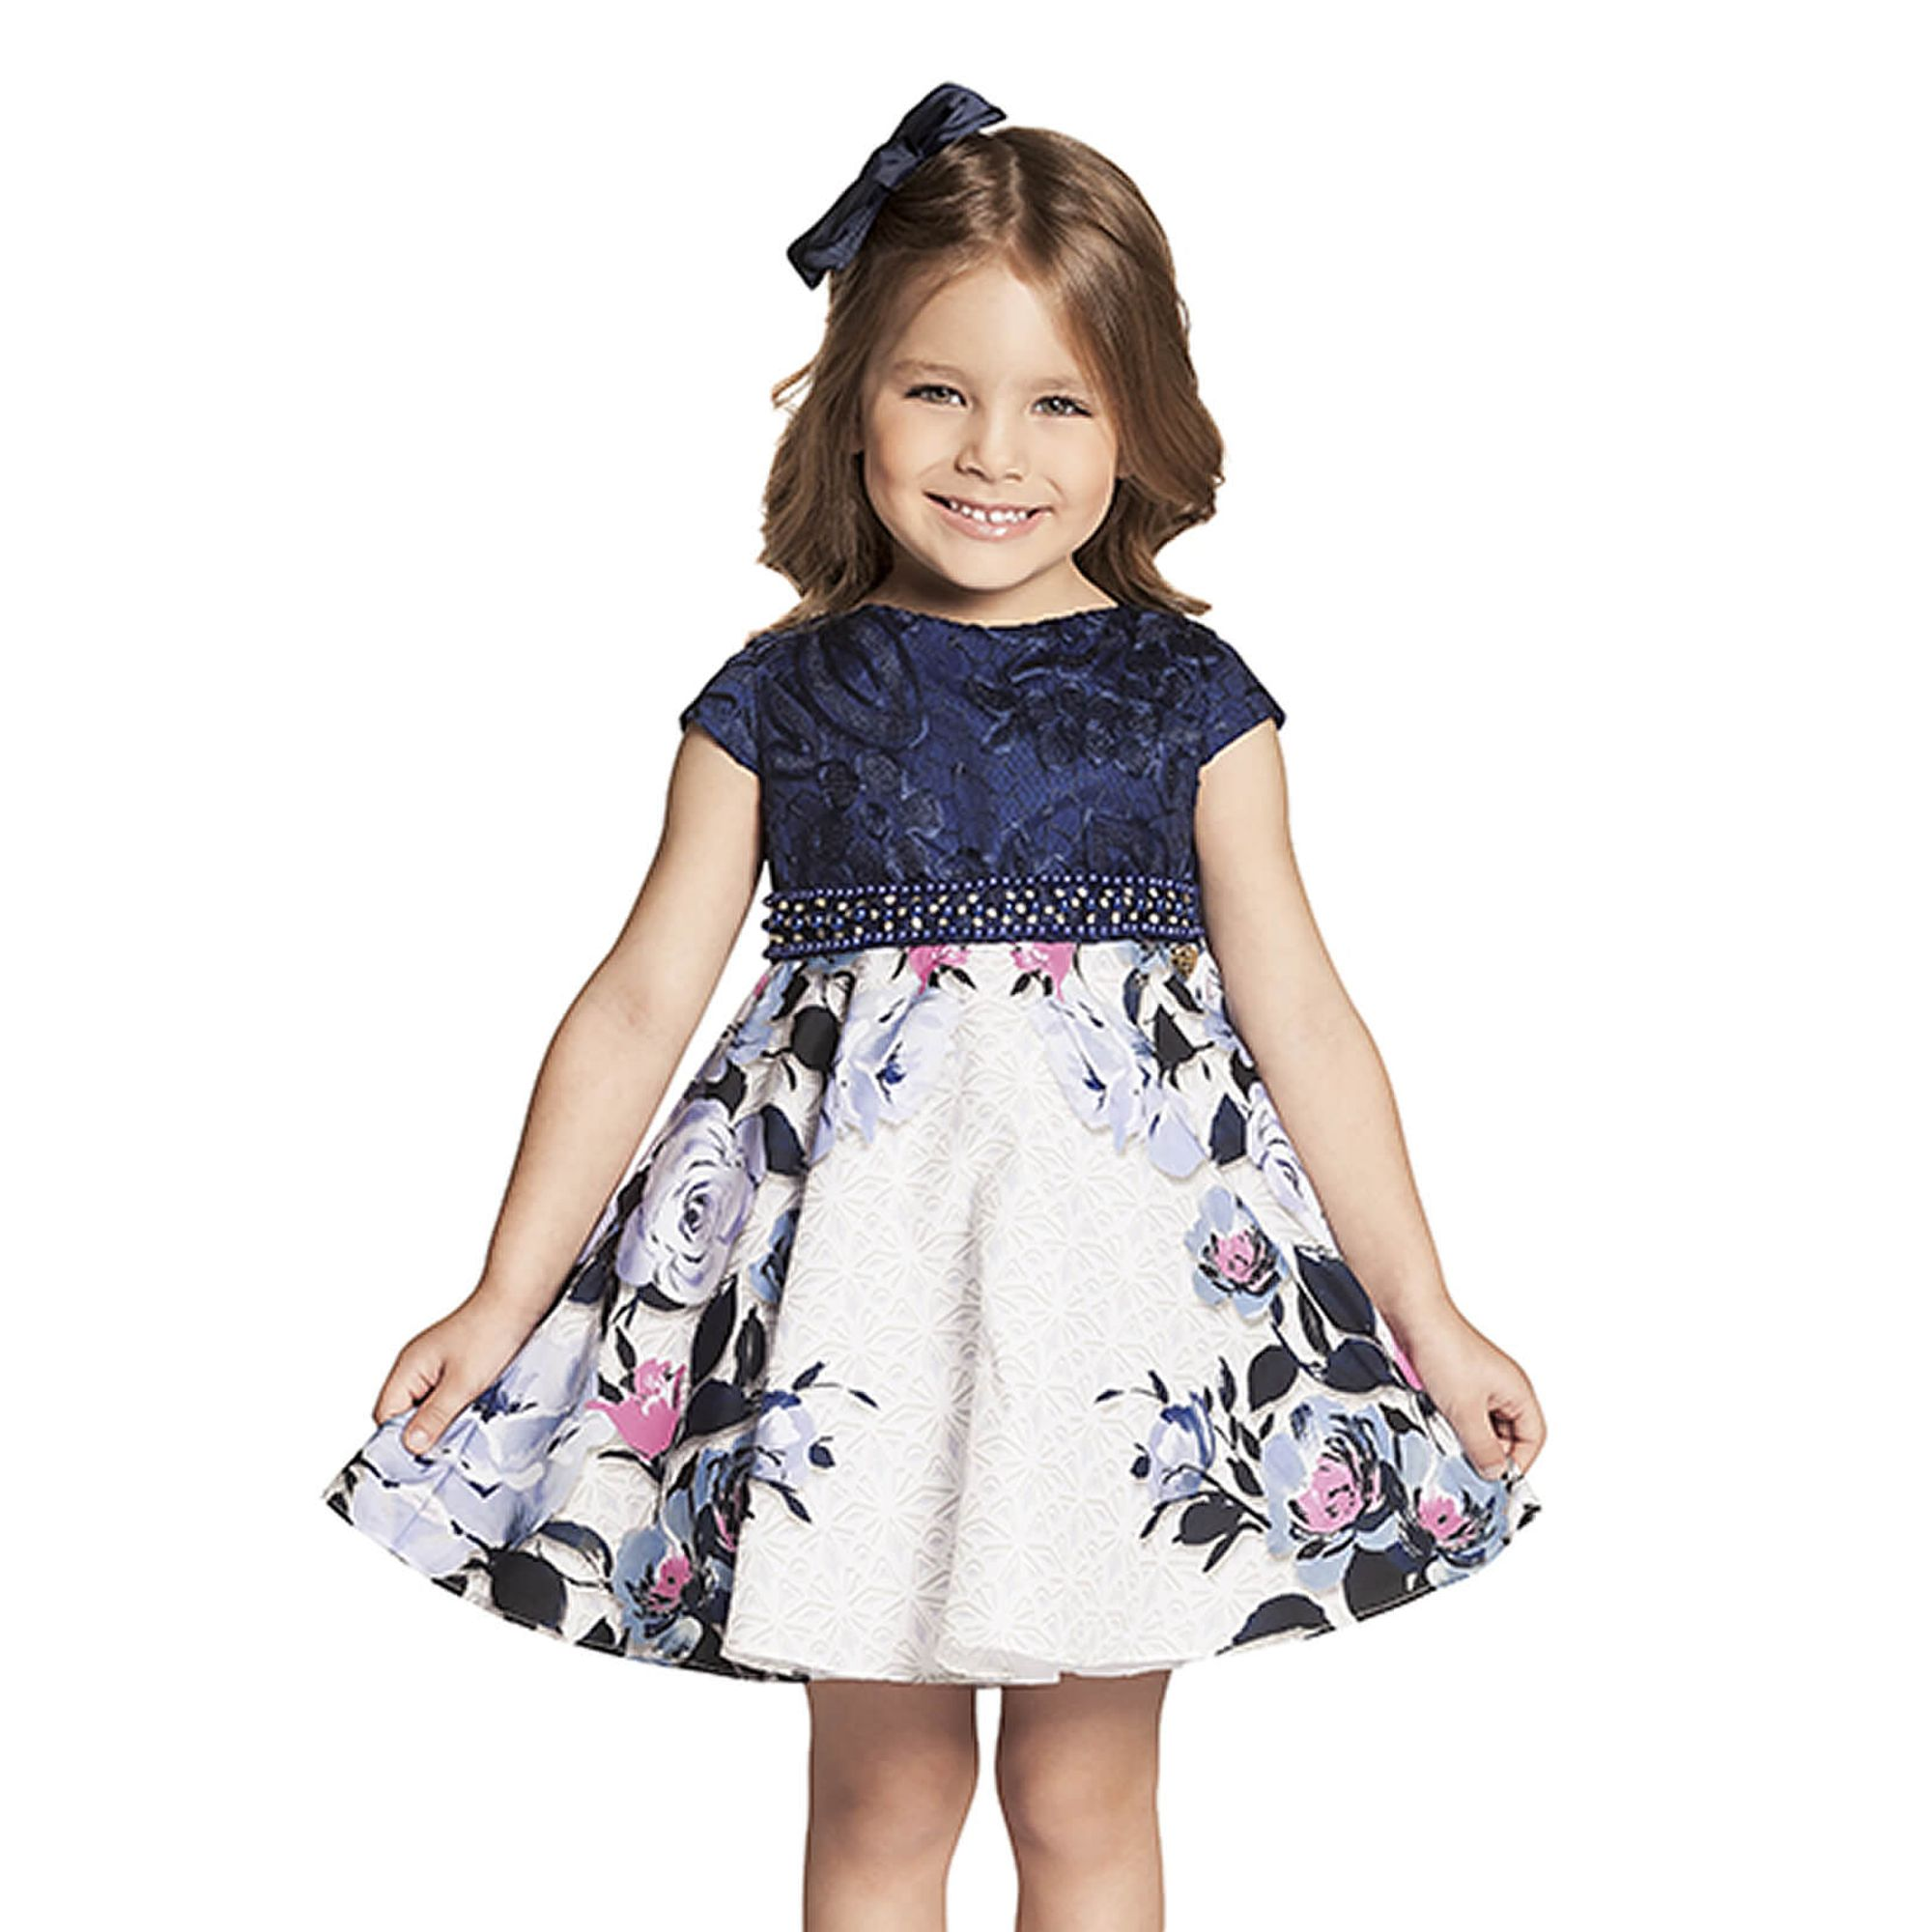 5260d7b769 Vestido Infantil Festa Renda Azul Marinho e Saia Flores Azul e Rosa - Ninali  - EcaMeleca